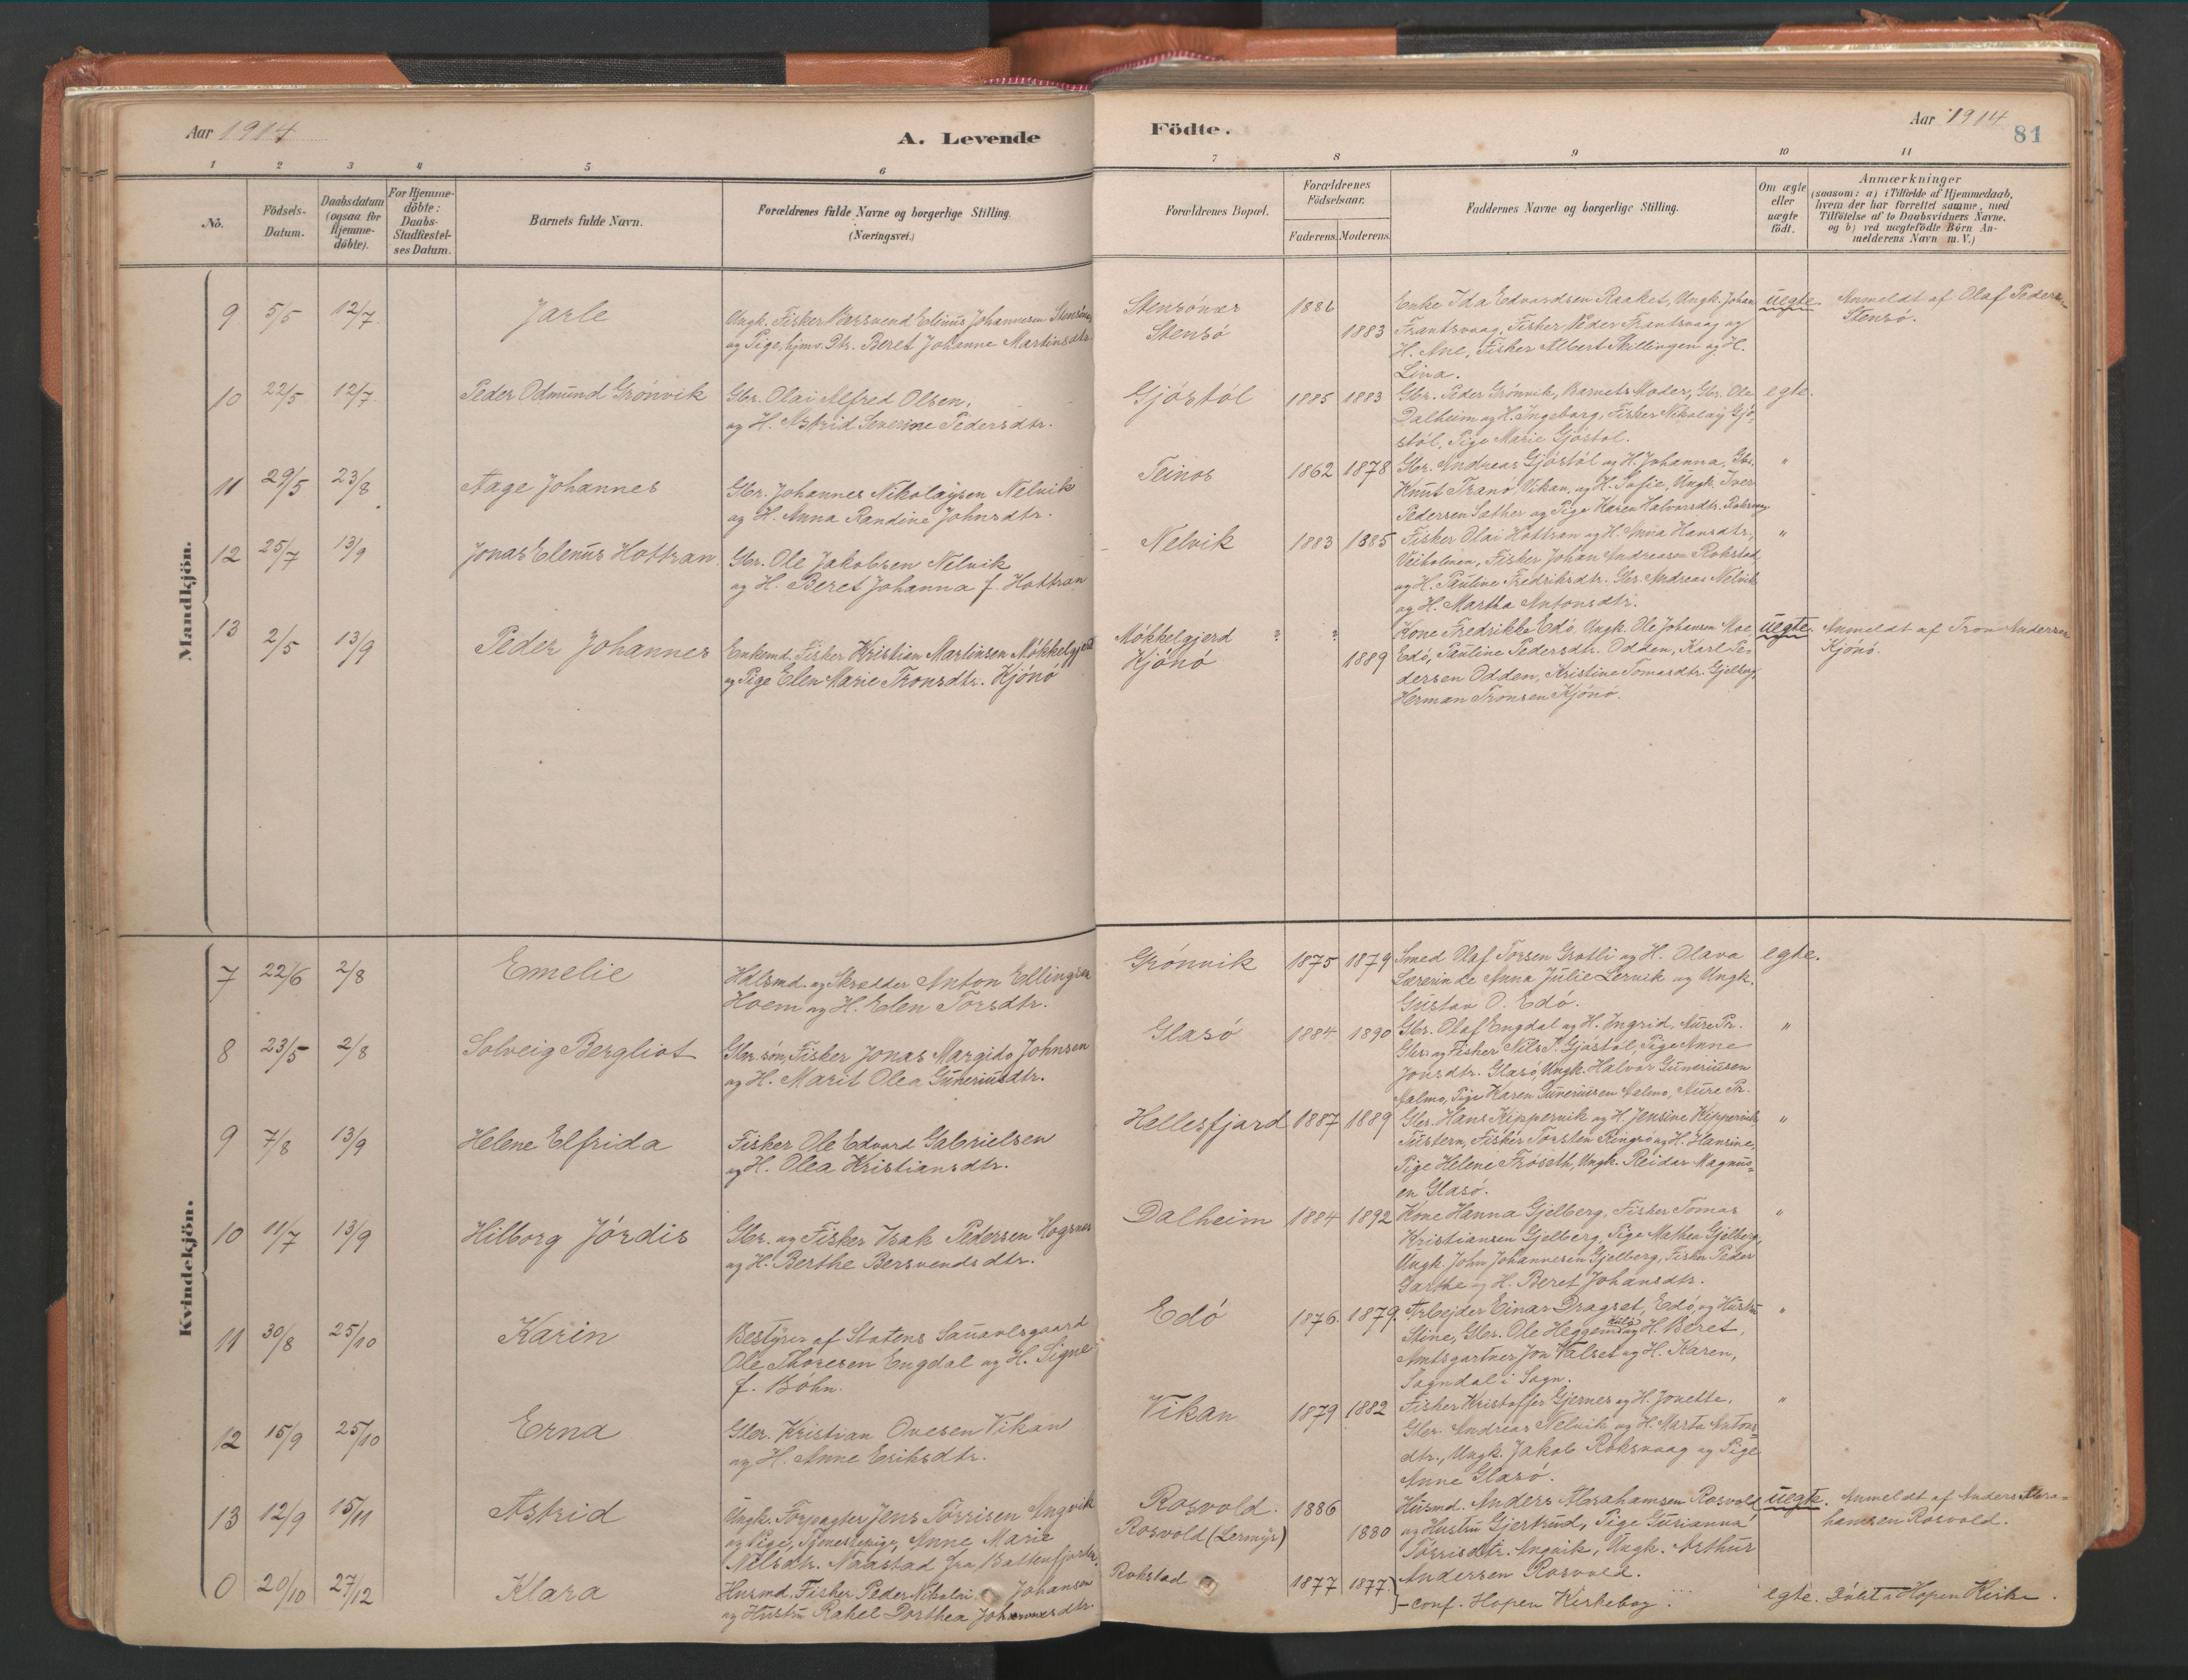 SAT, Ministerialprotokoller, klokkerbøker og fødselsregistre - Møre og Romsdal, 581/L0941: Ministerialbok nr. 581A09, 1880-1919, s. 81